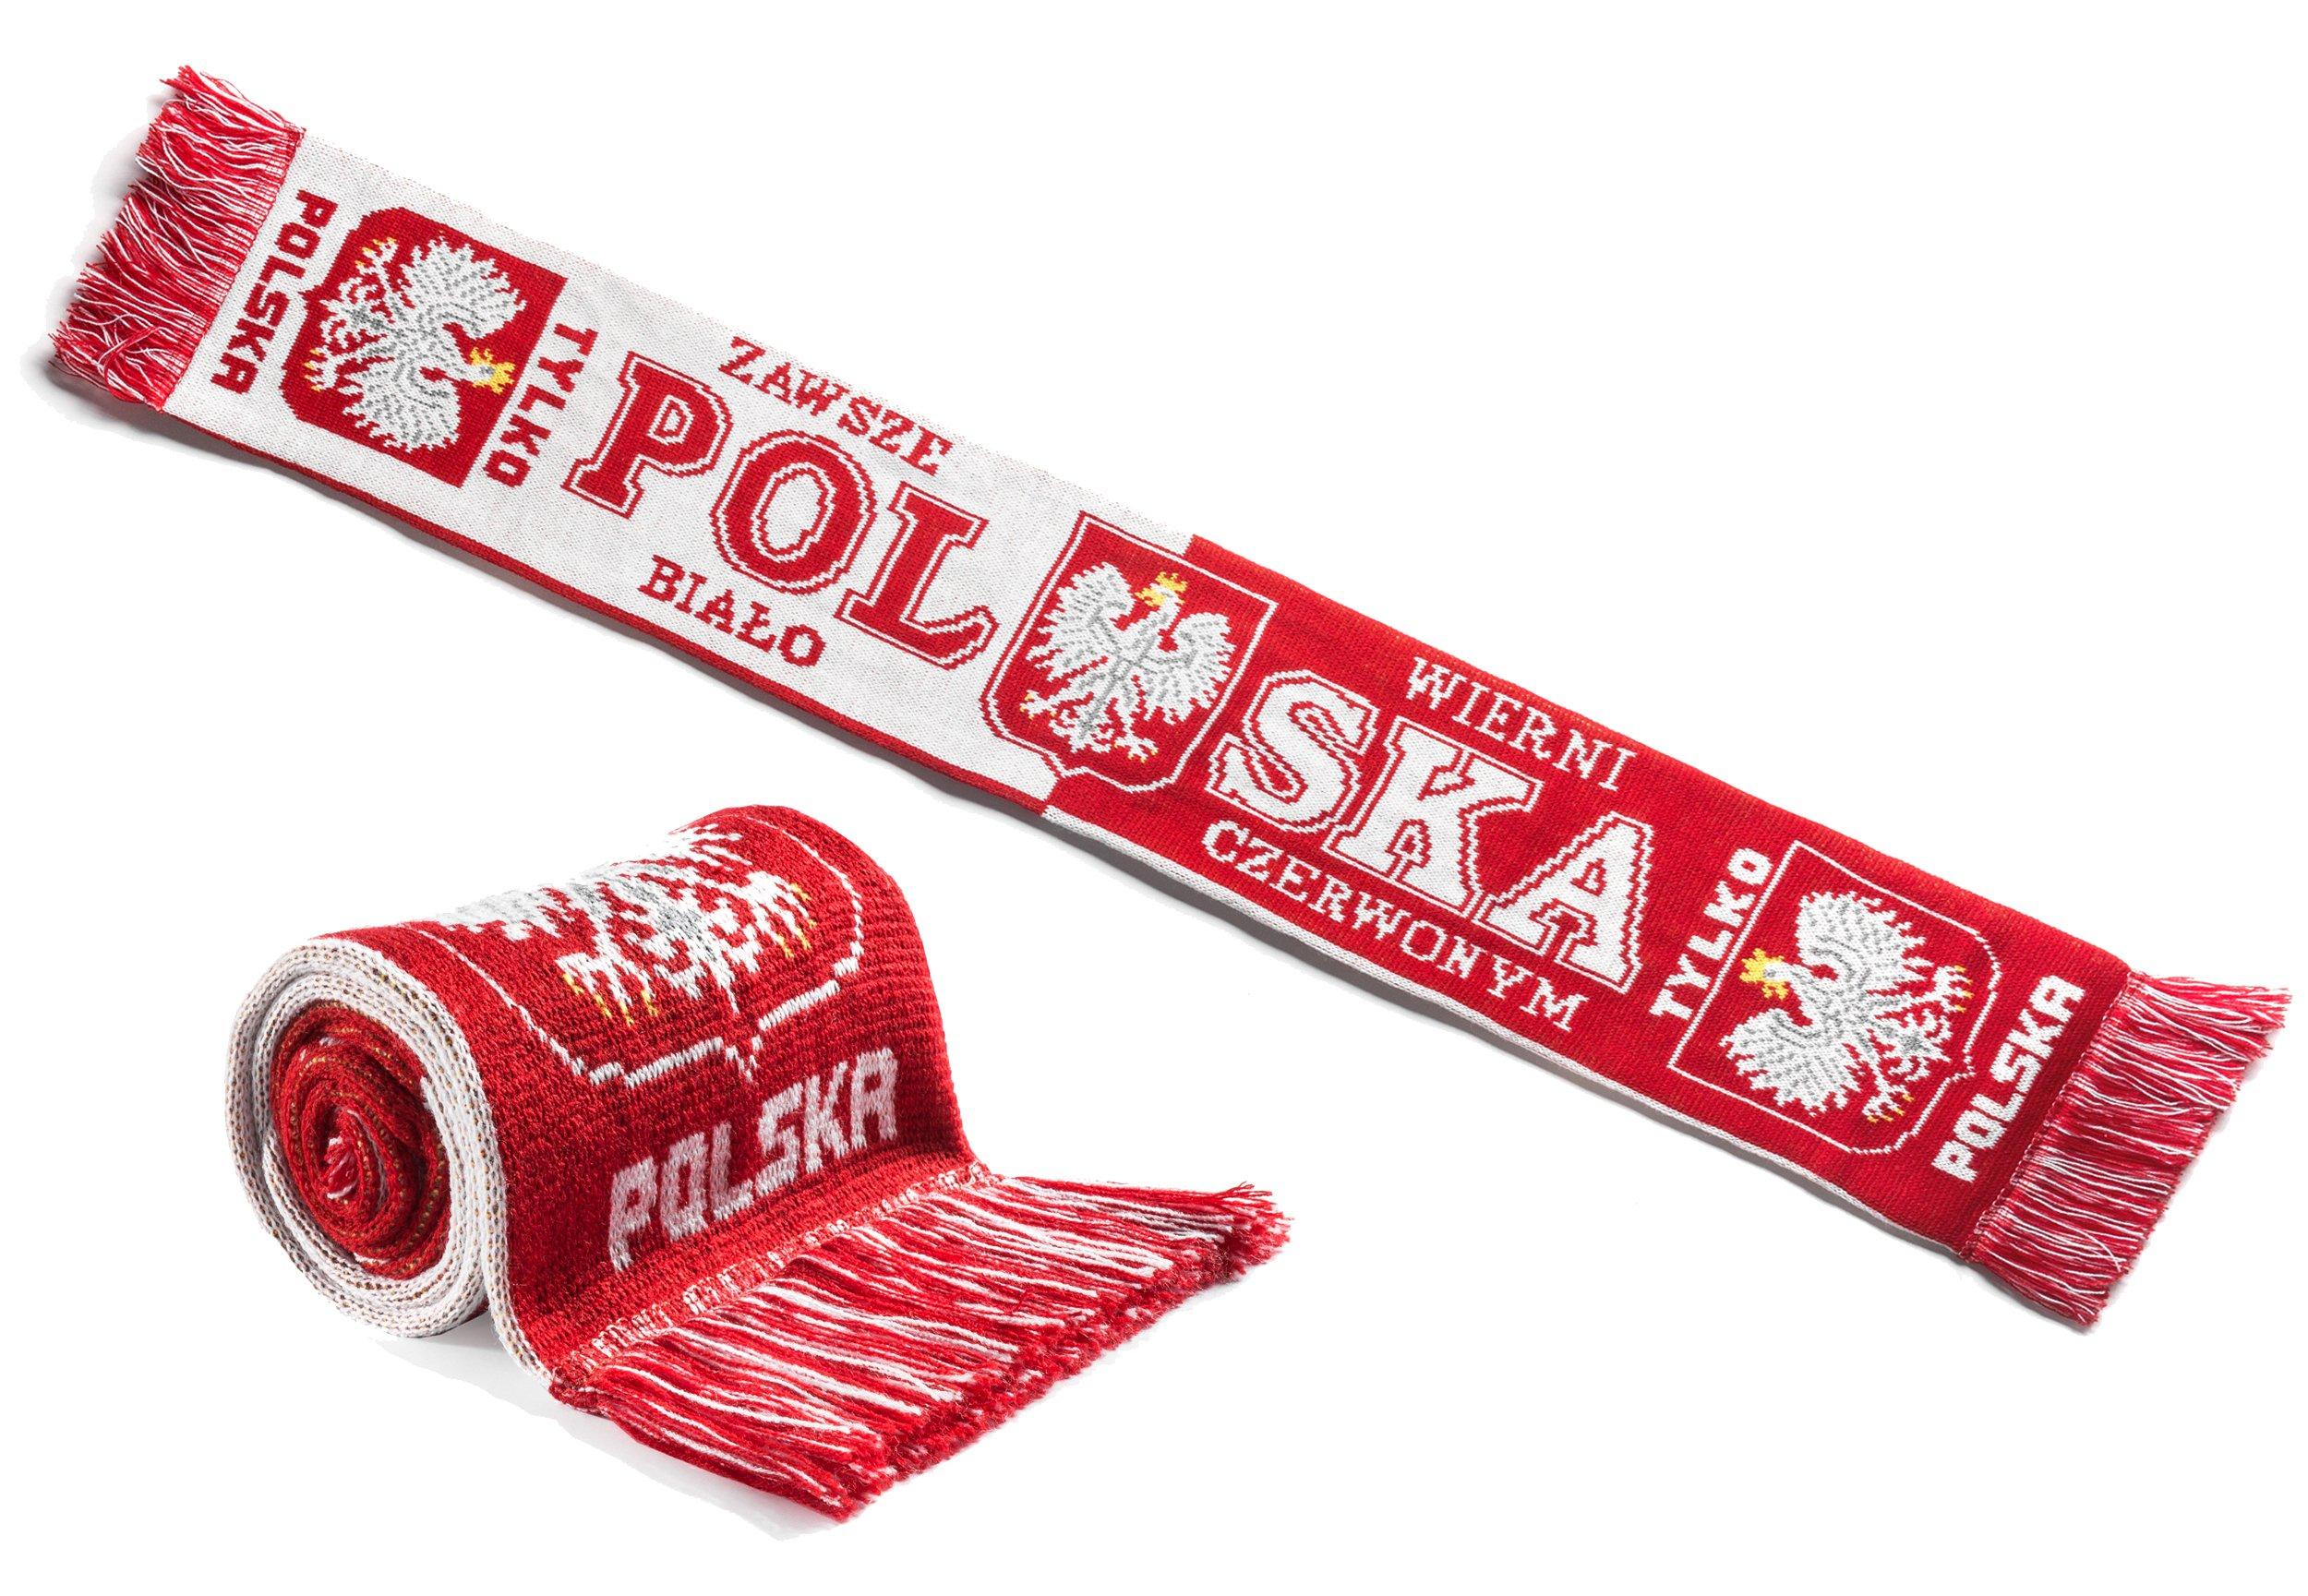 Szalik Polska Šatky poľského národného tímu4